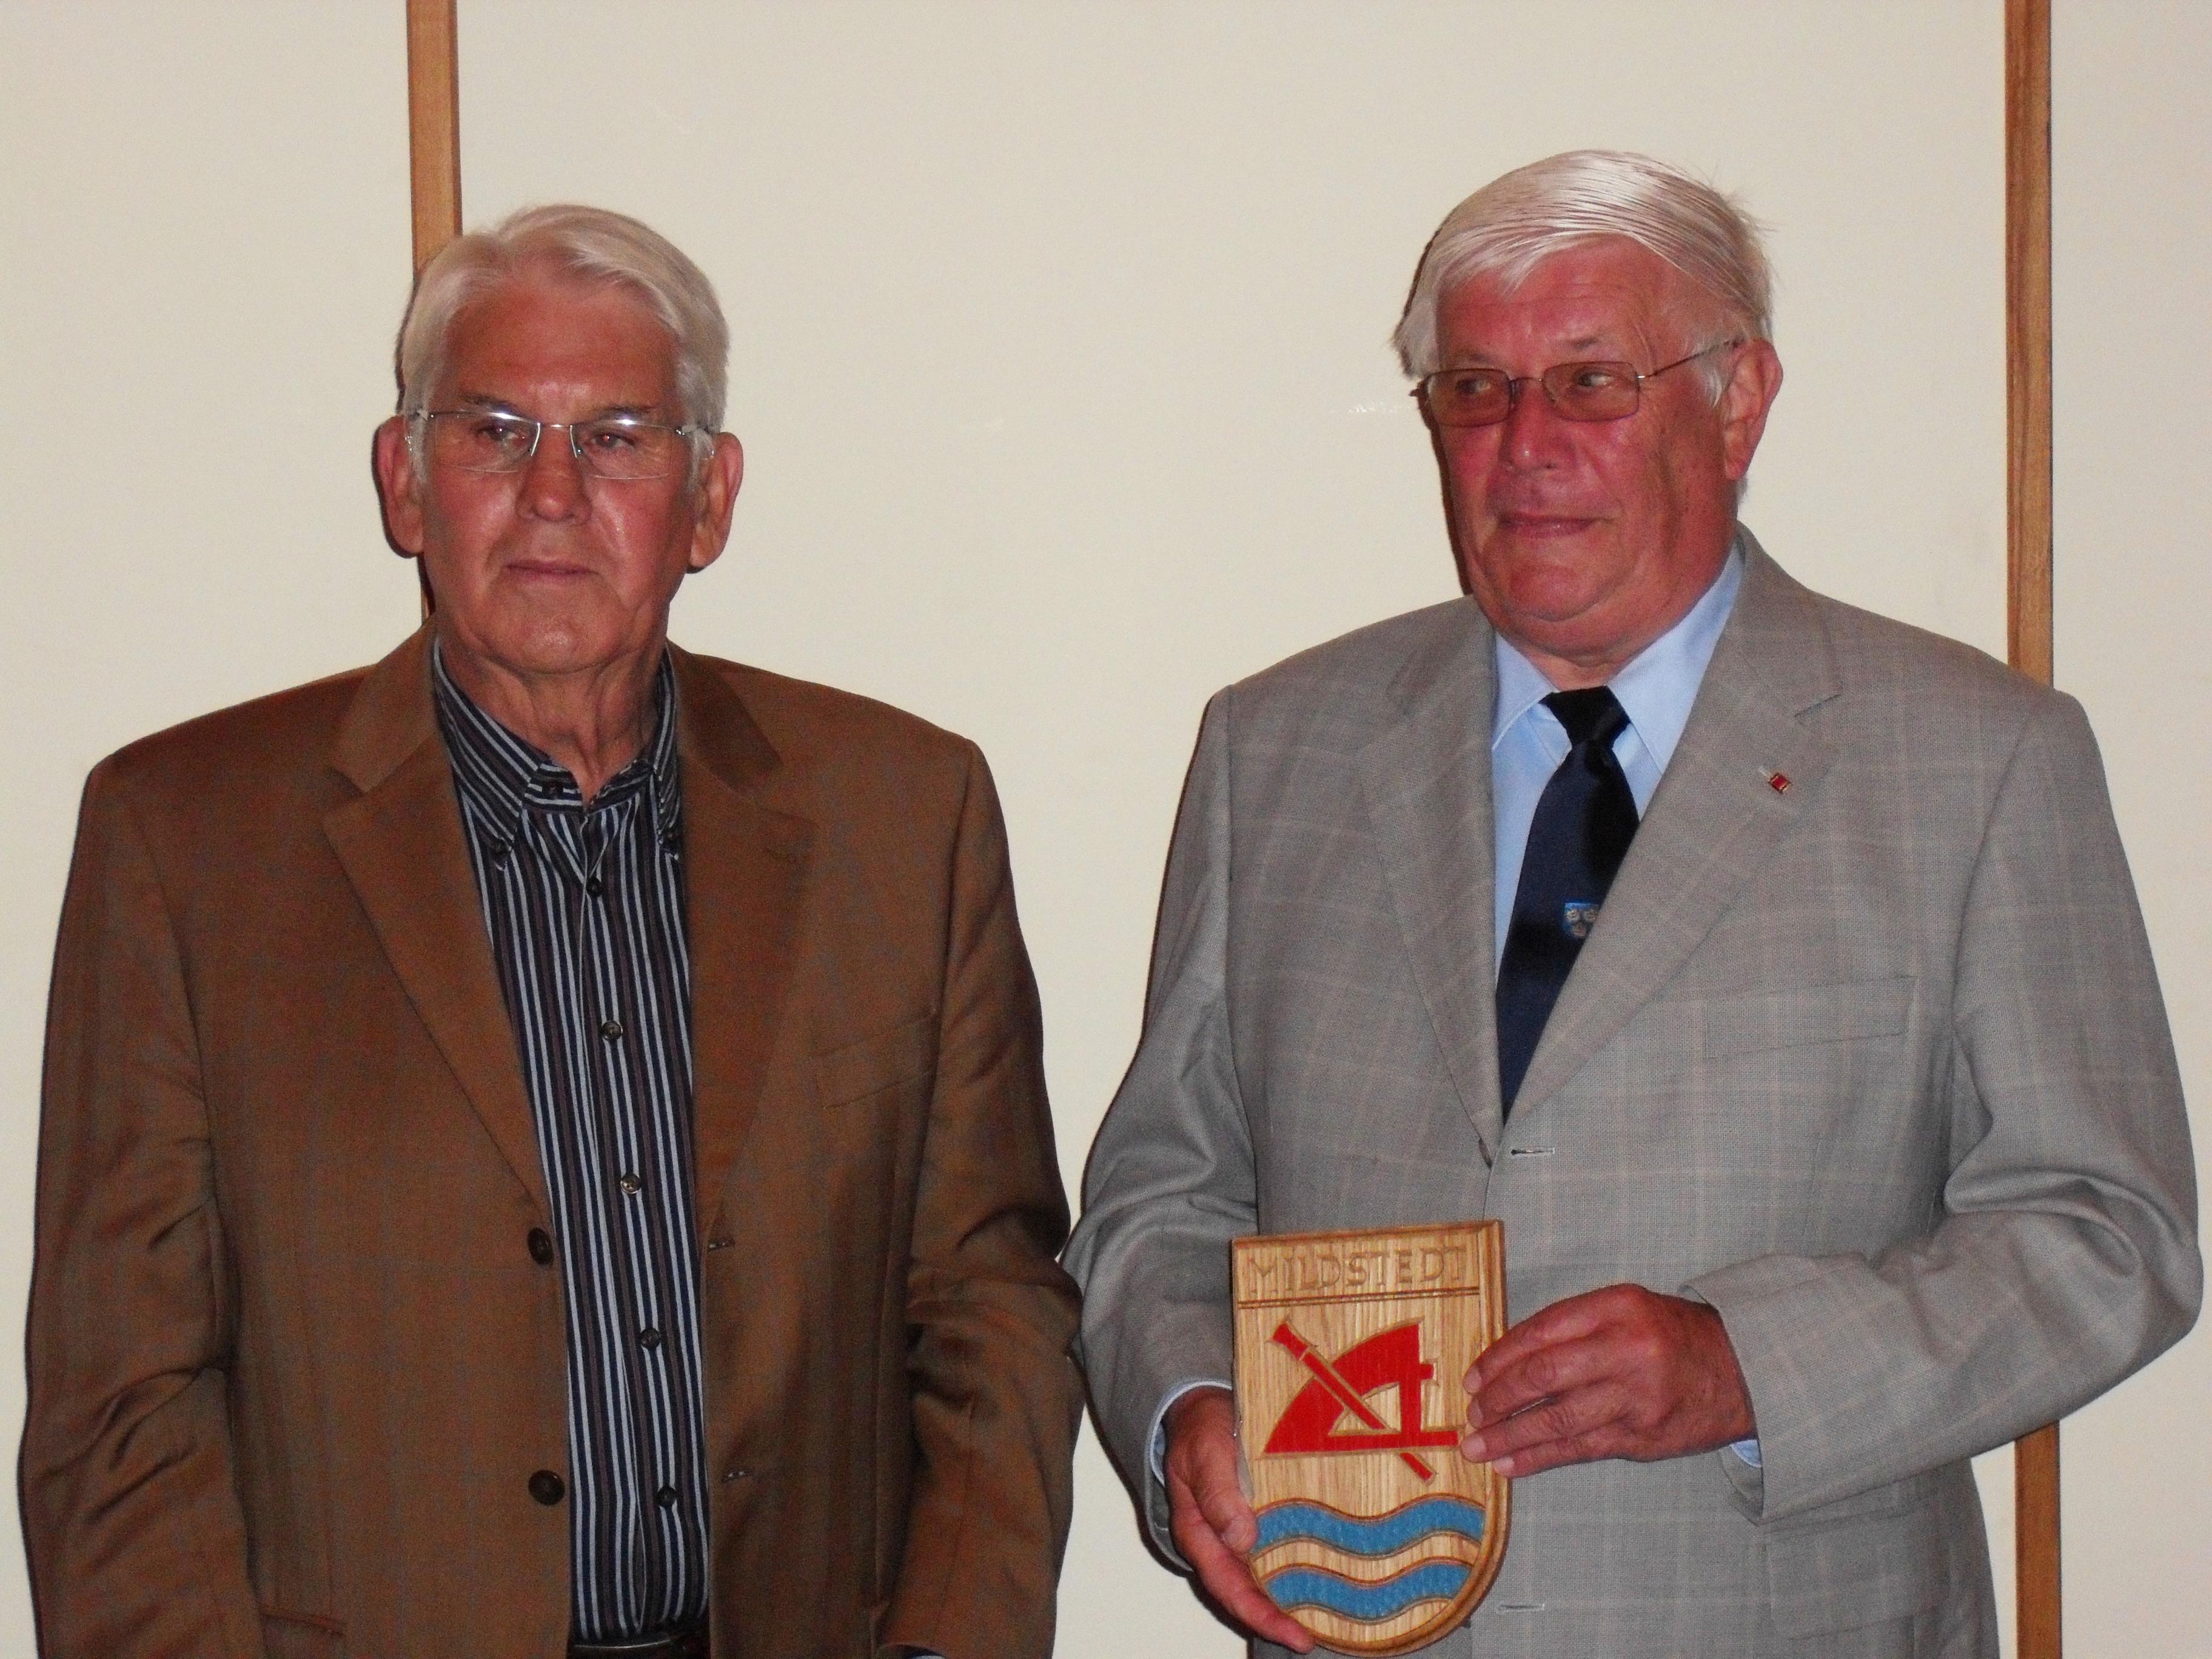 Bürgermeister Klaus Hinrichs, Mildstedt, nach der Überreichung des Wappens der Gemeinde Mildstedt an Frenz Bertram (2009)